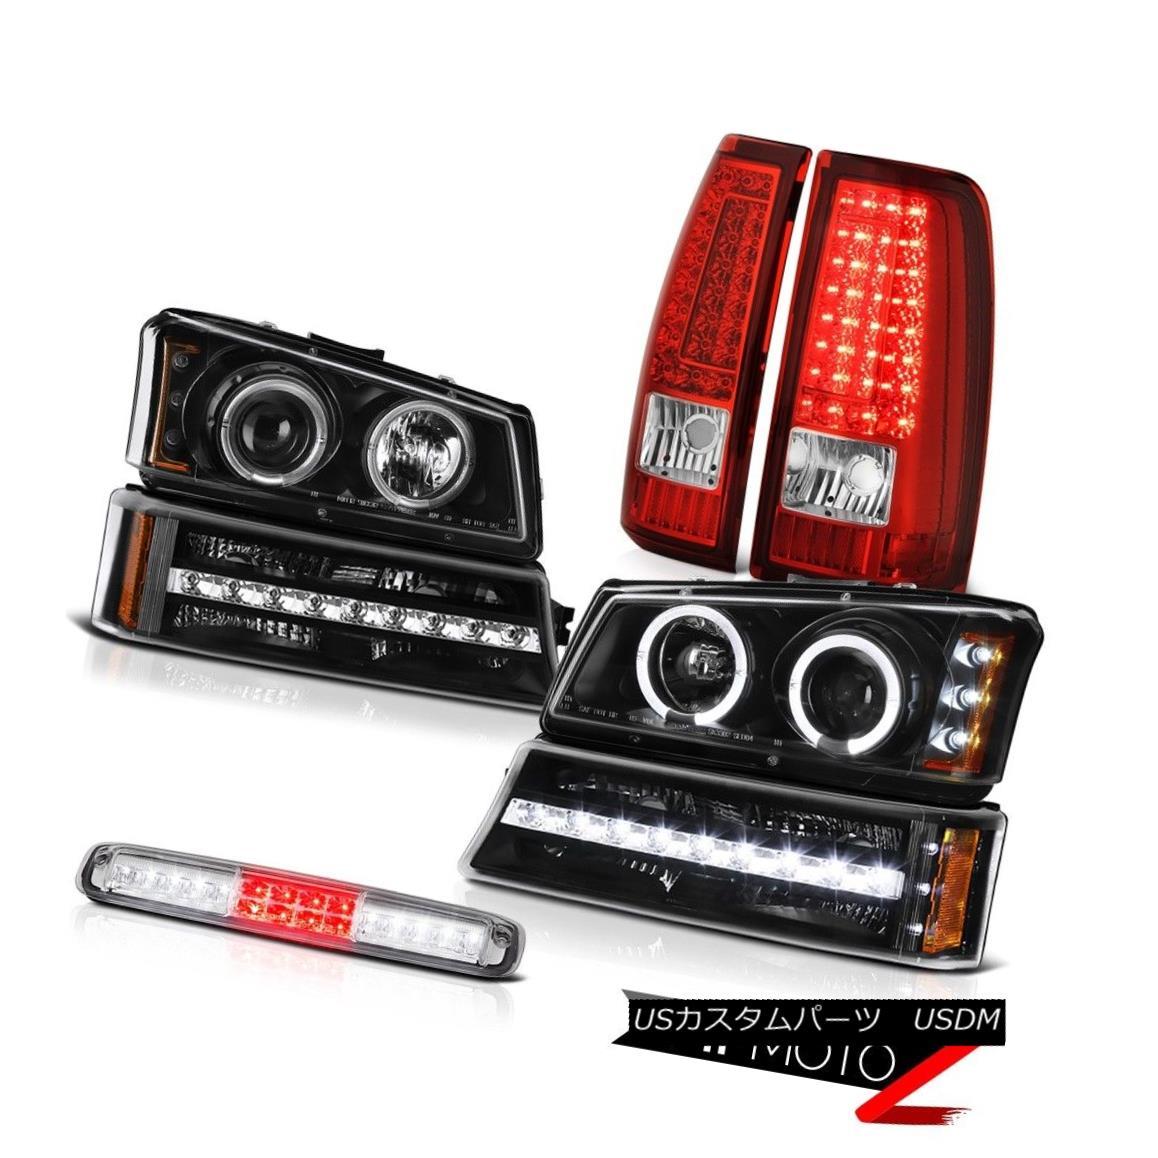 テールライト 03-06 Silverado Crystal Clear High Stop Light Taillamps Black Signal Headlamps 03-06シルバラードクリスタルクリアハイストップライトタイルランプブラックシグナルヘッドランプ